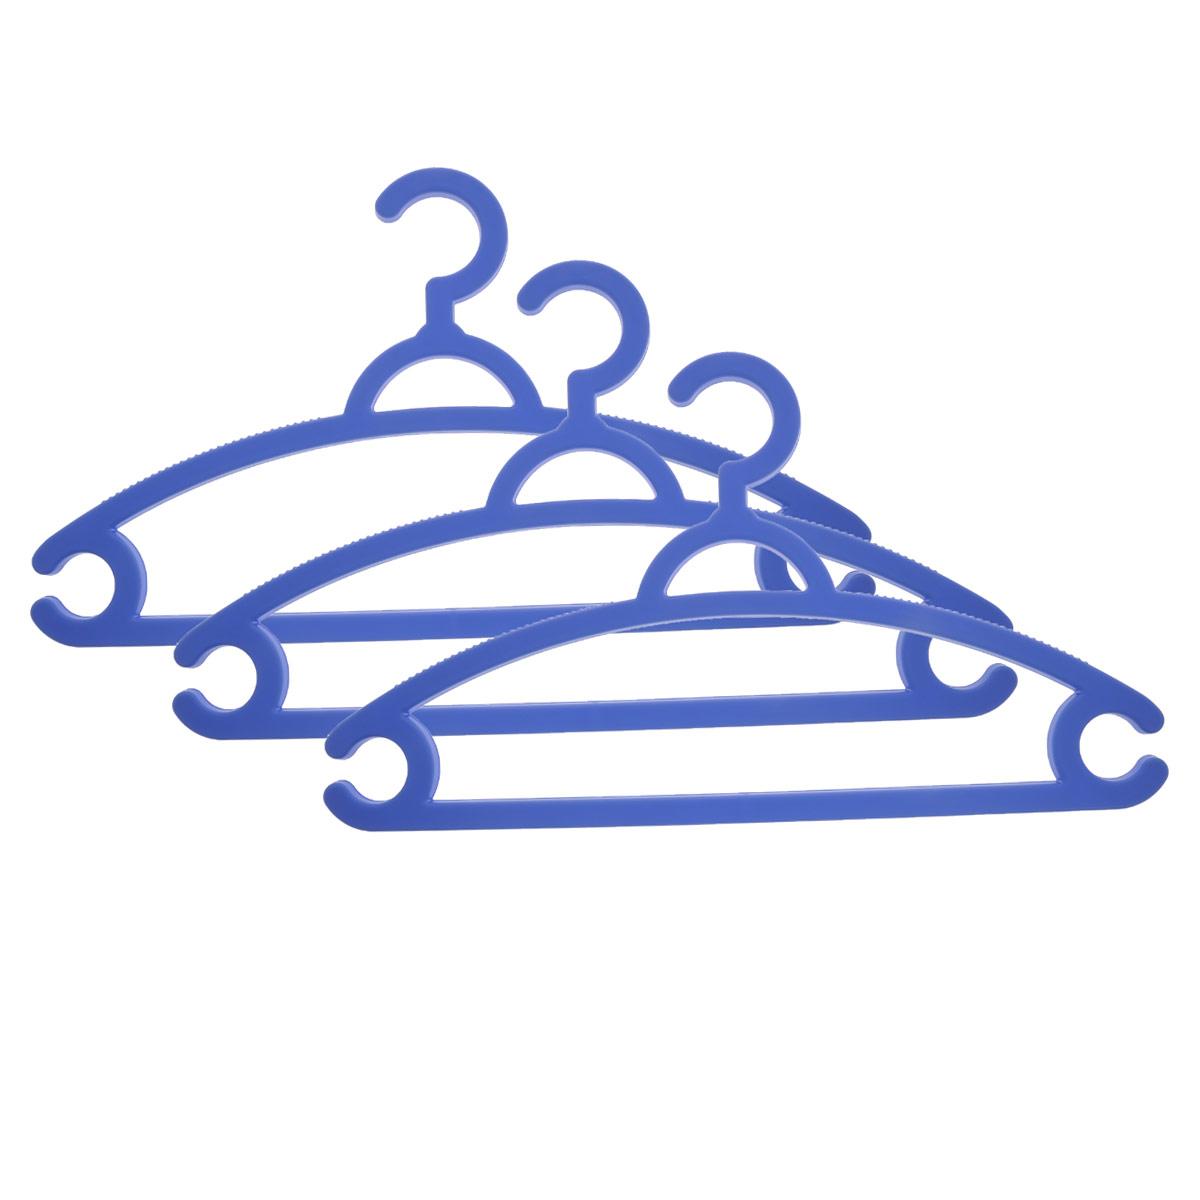 Набор вешалок для легкой одежды М-пластика, цвет: голубой, 3 штV30 AC DCНабор М-пластика, выполненный из легкого и прочного пластика, состоит из трех вешалок.Изделия оснащены перекладинами и двумя крючками.Вешалка - это незаменимая вещь для того, чтобы ваша одежда всегда оставалась в хорошем состоянии.Комплектация: 3 шт.